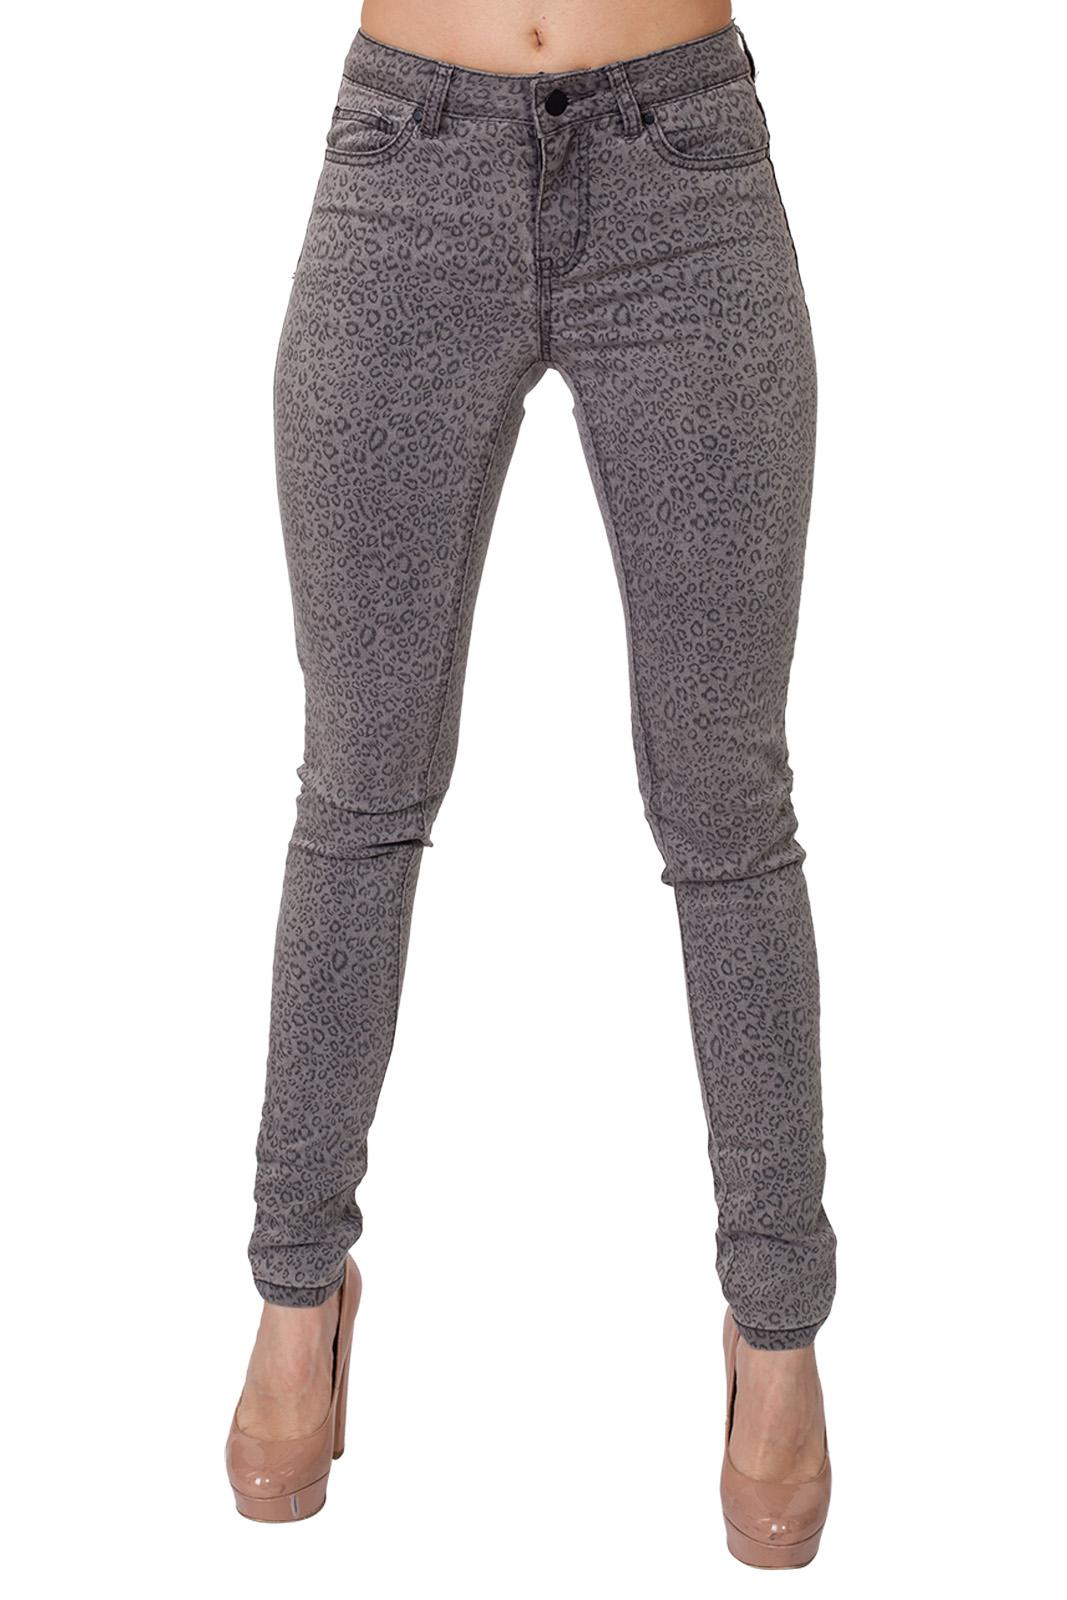 Продажа женских леопардовых брюк – опт и розница